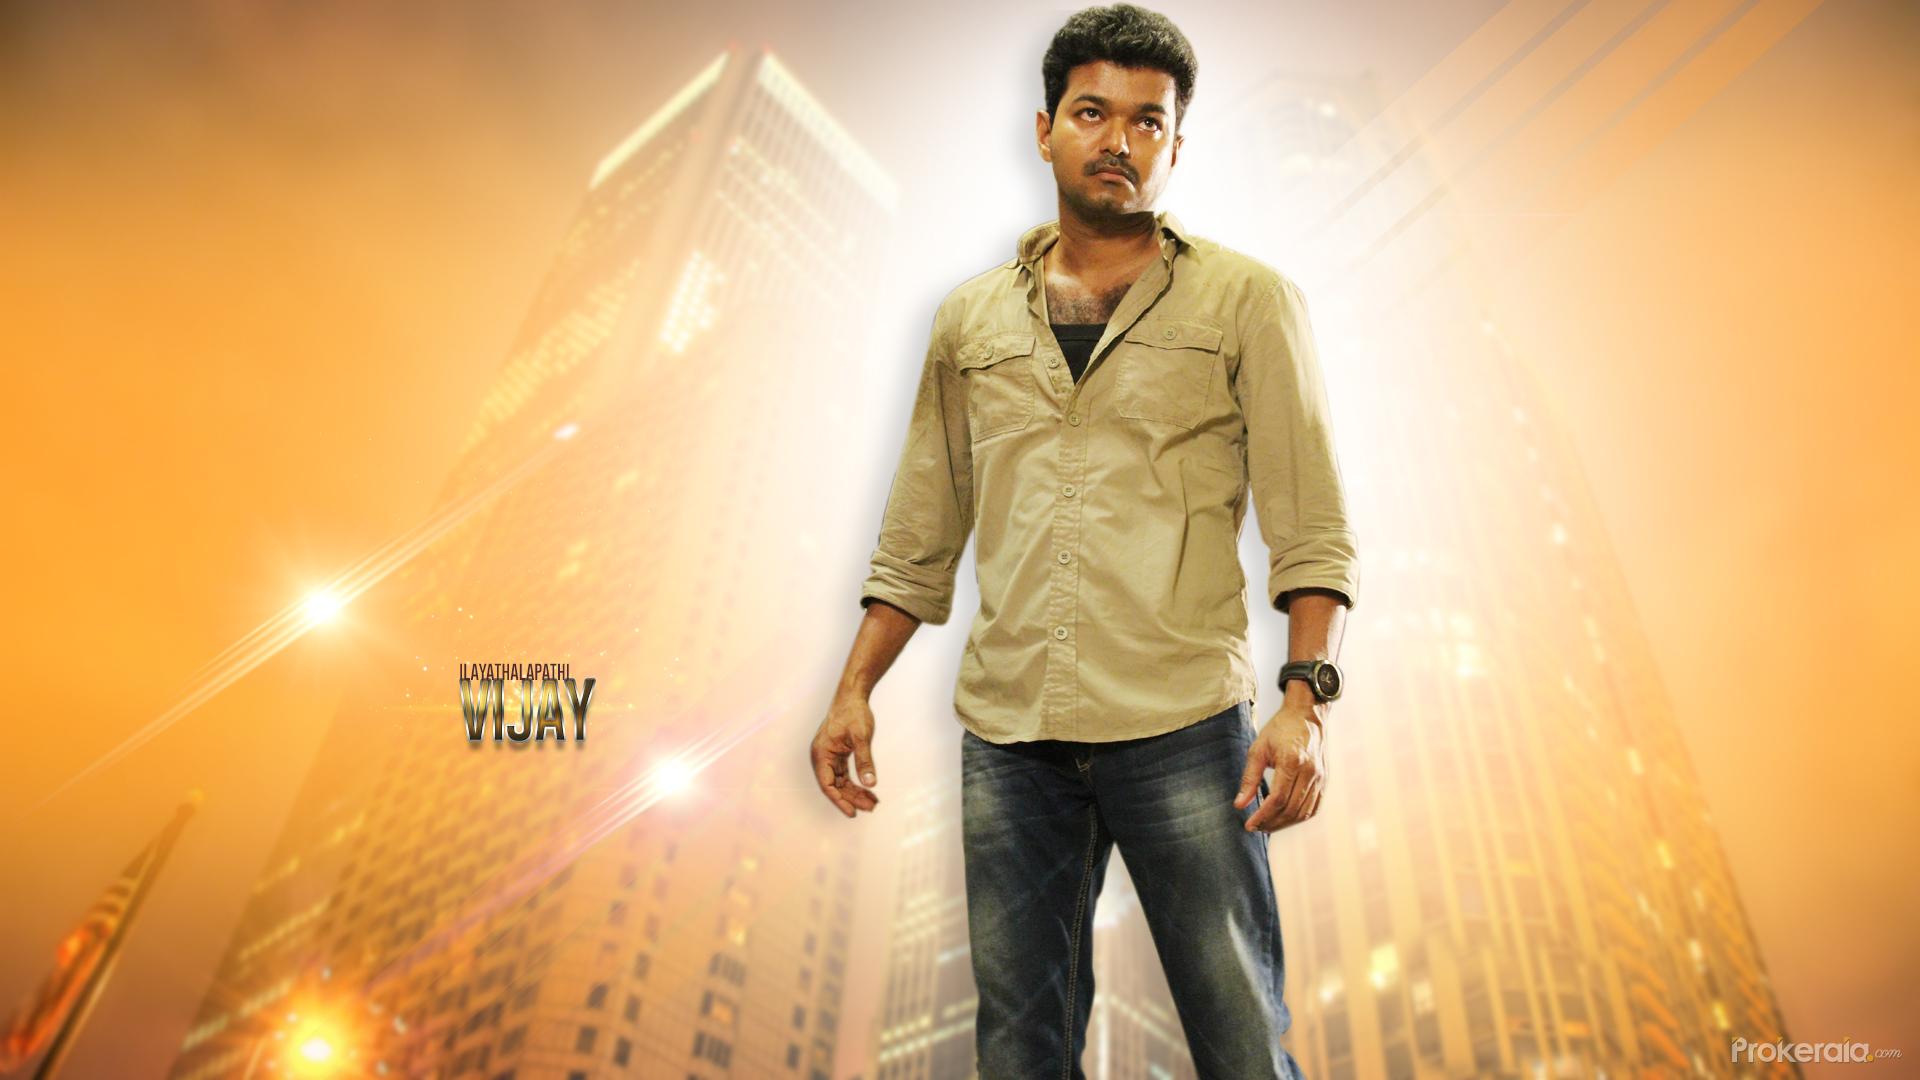 Vijay Love Hd Wallpaper : Vijay Wallpaper